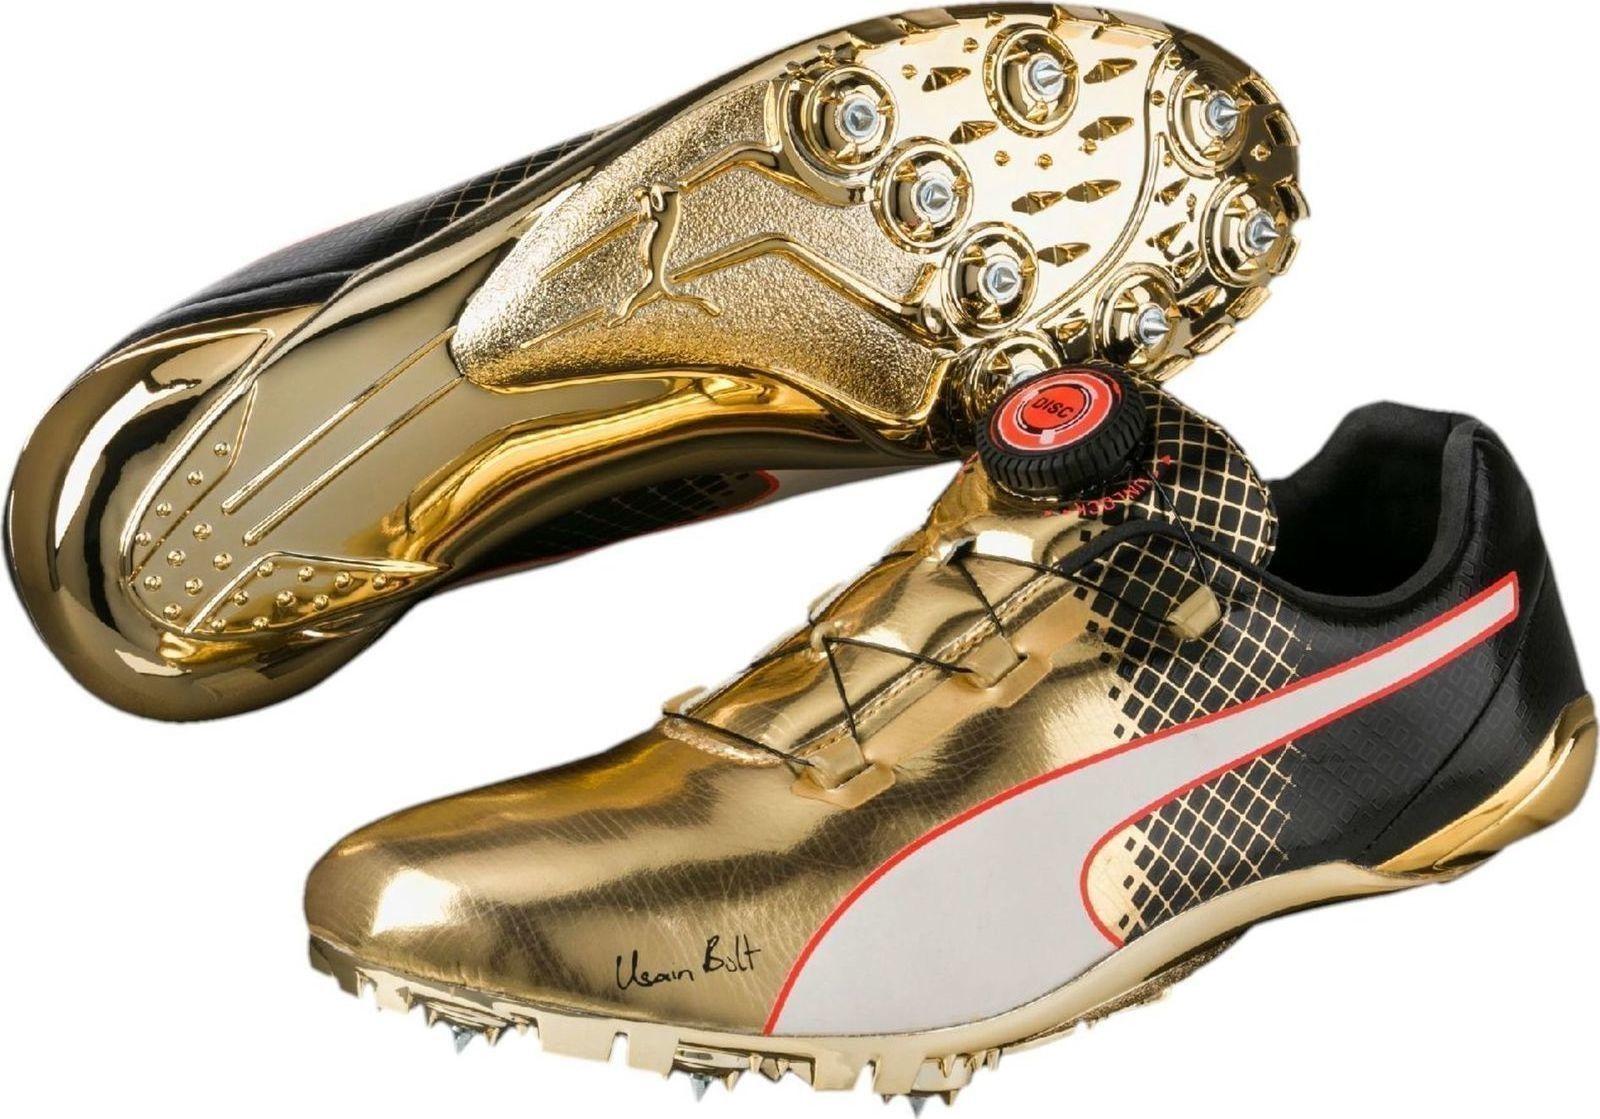 Puma Usain Bolt Evospeed Disc Tricks Spikes 189321-01 ...